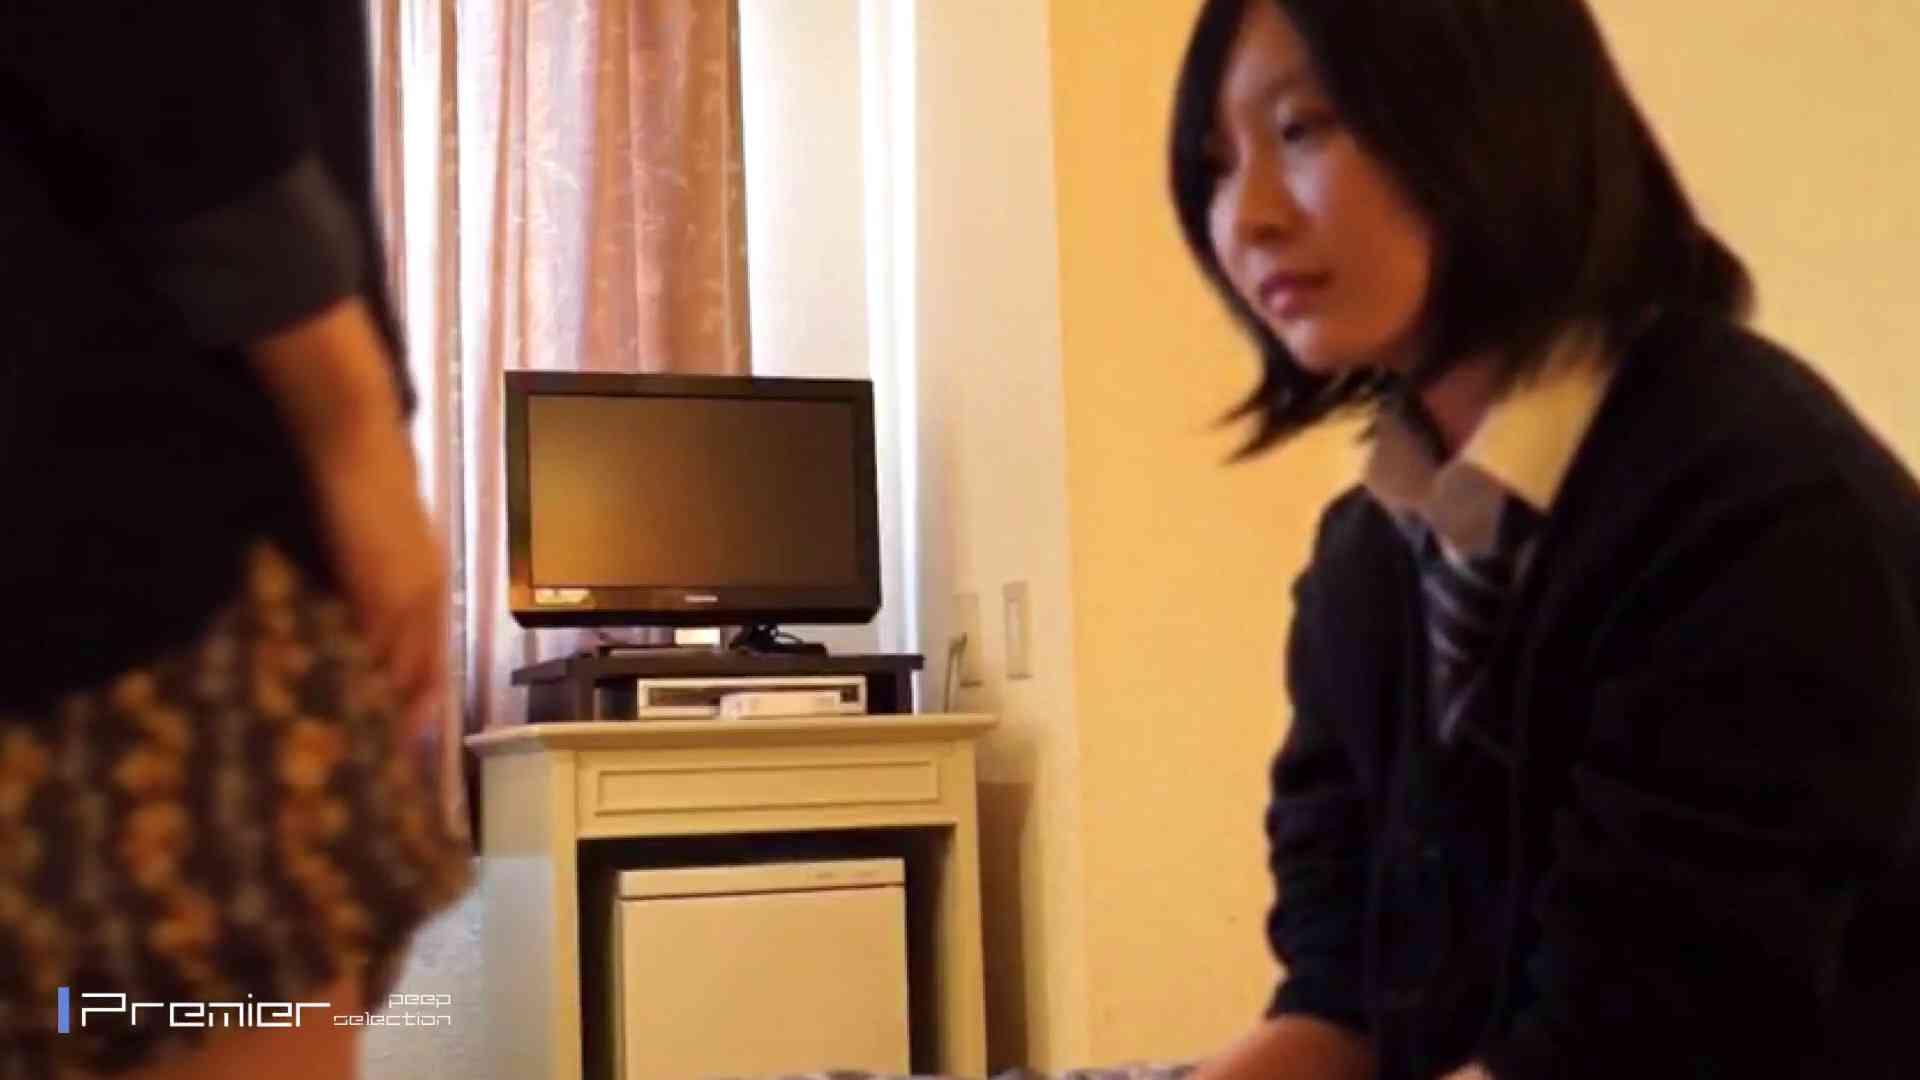 禁断の忍者 Vol.03 フルハイビジョンK制月反性行 制服  91pic 29